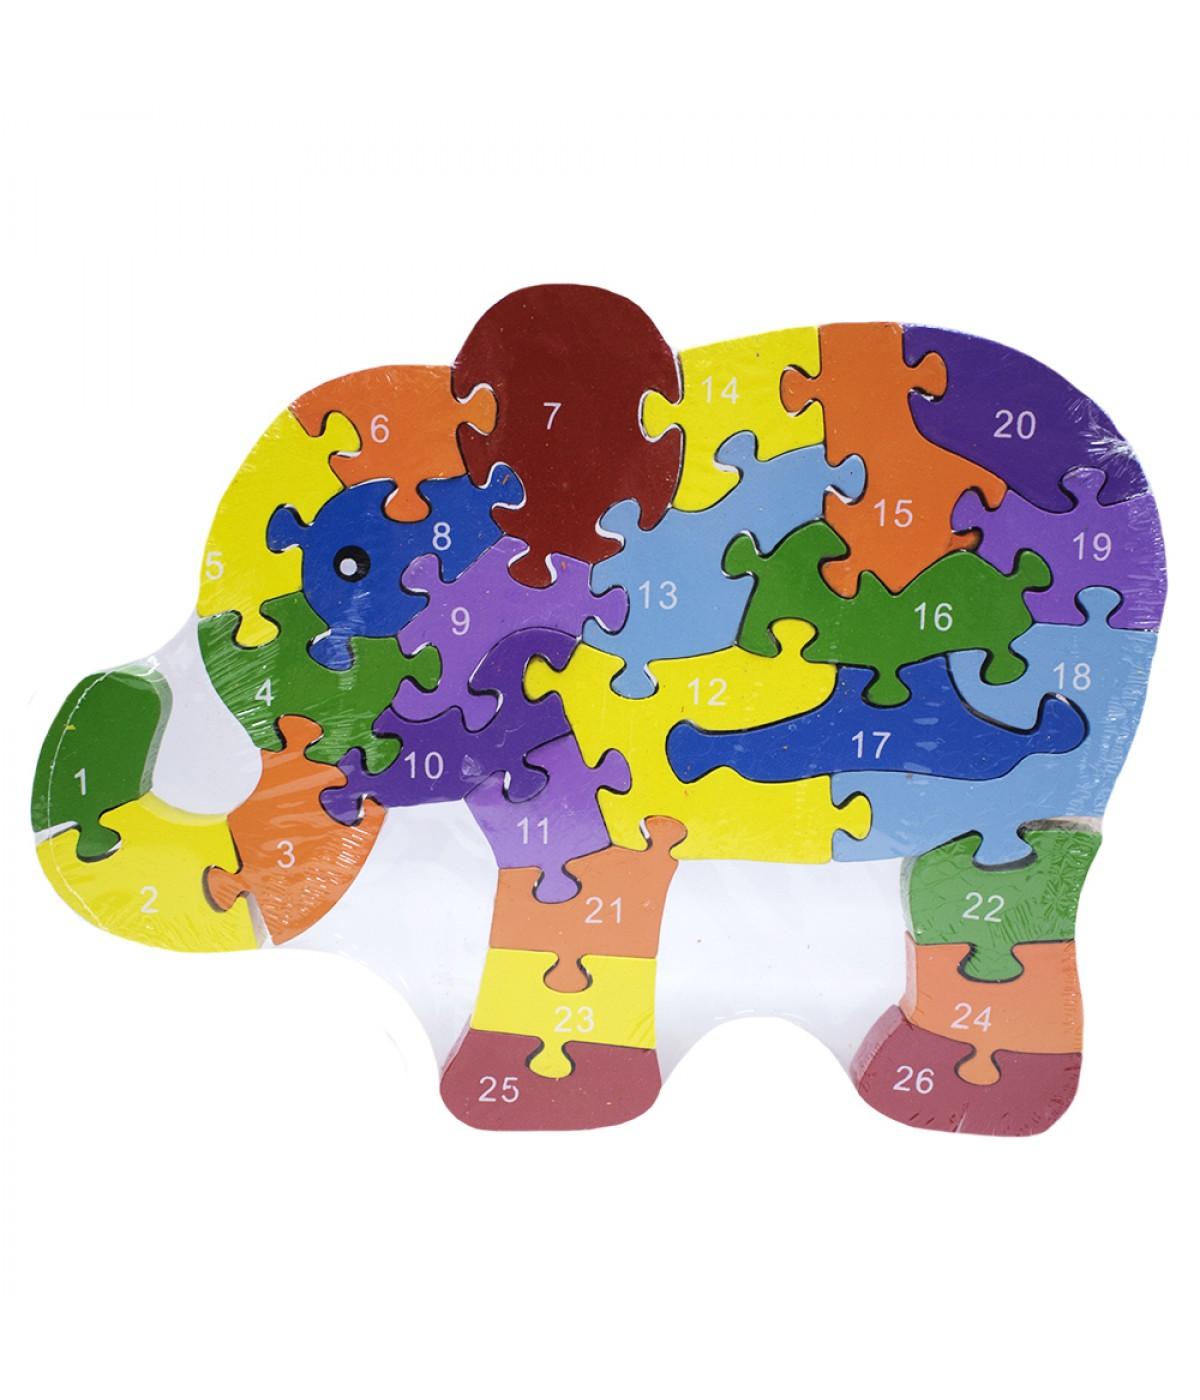 Quebra-cabeça elefante colorido 26 peças 19.5x26cm